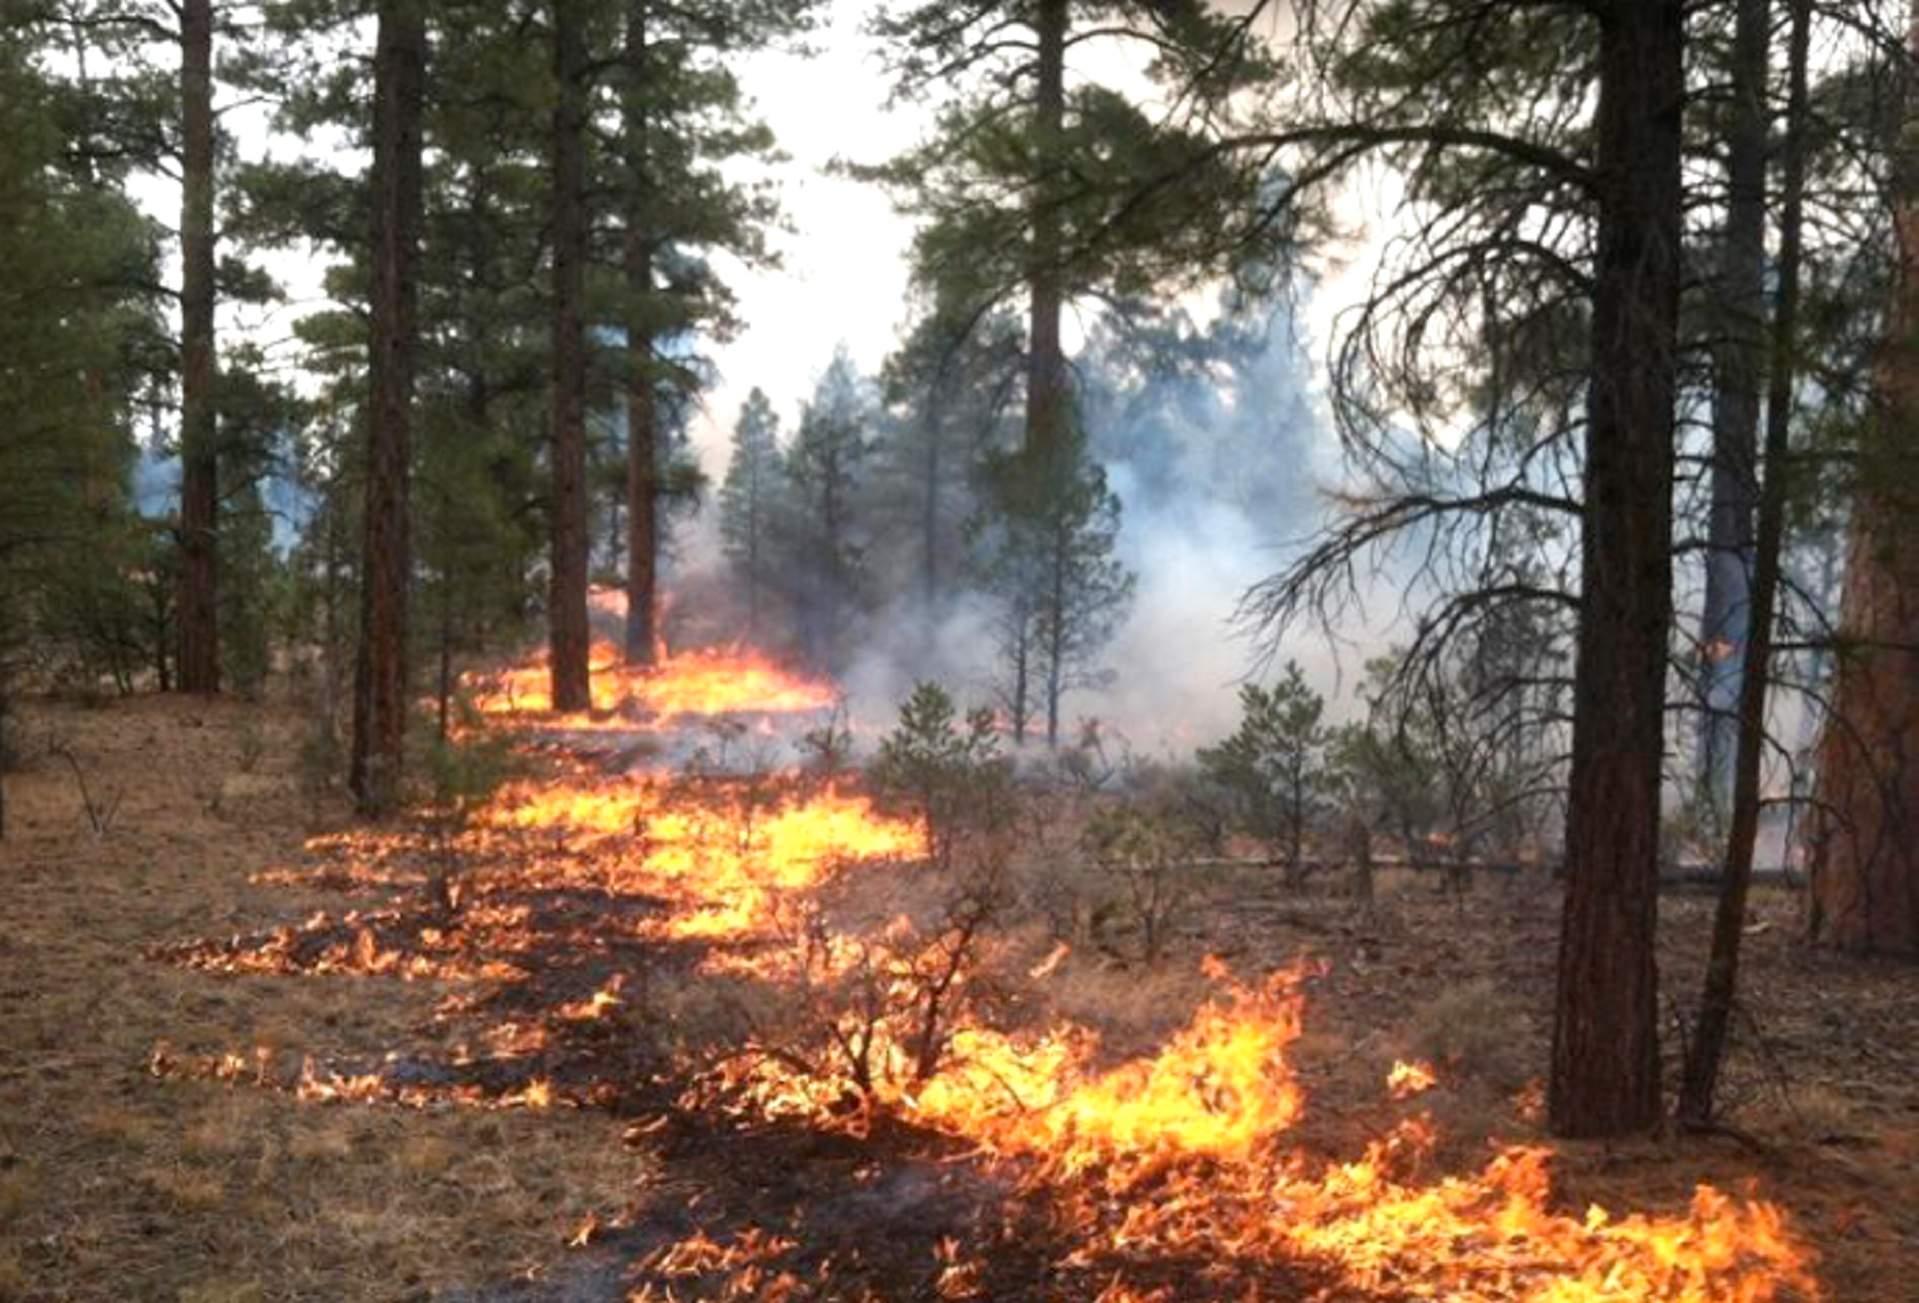 Prescribed burn, Sonoma County, CA